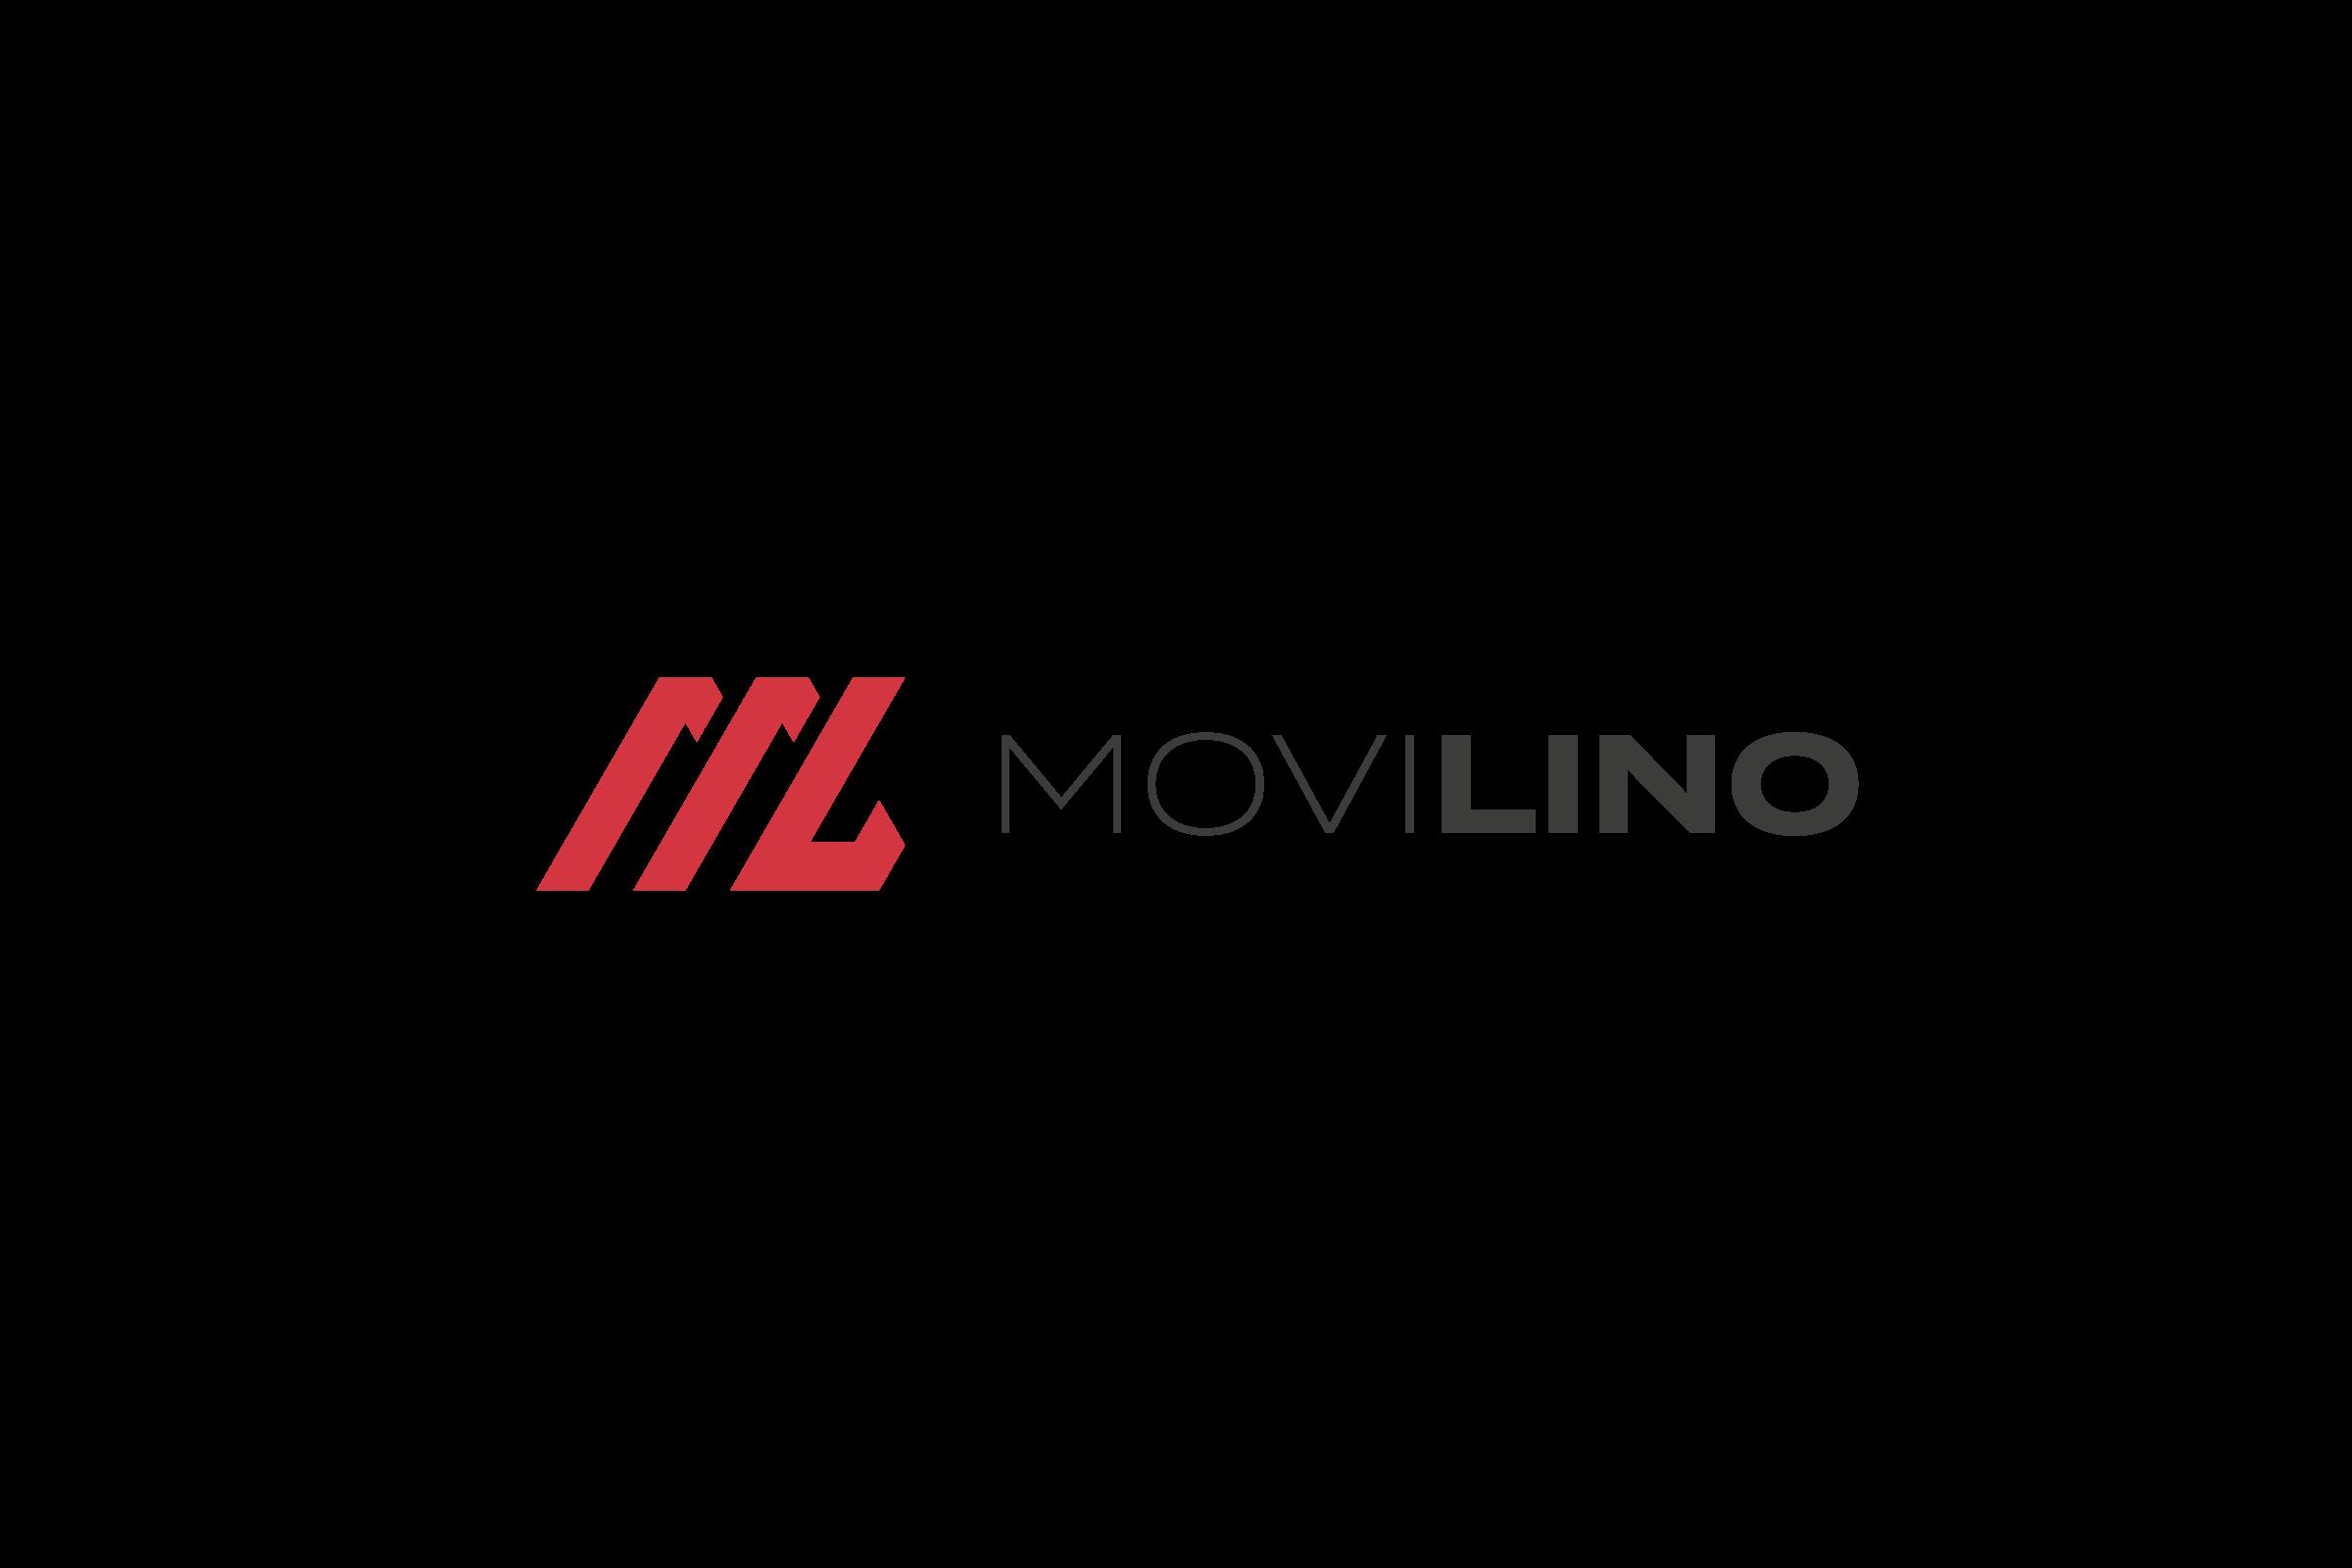 Movilino